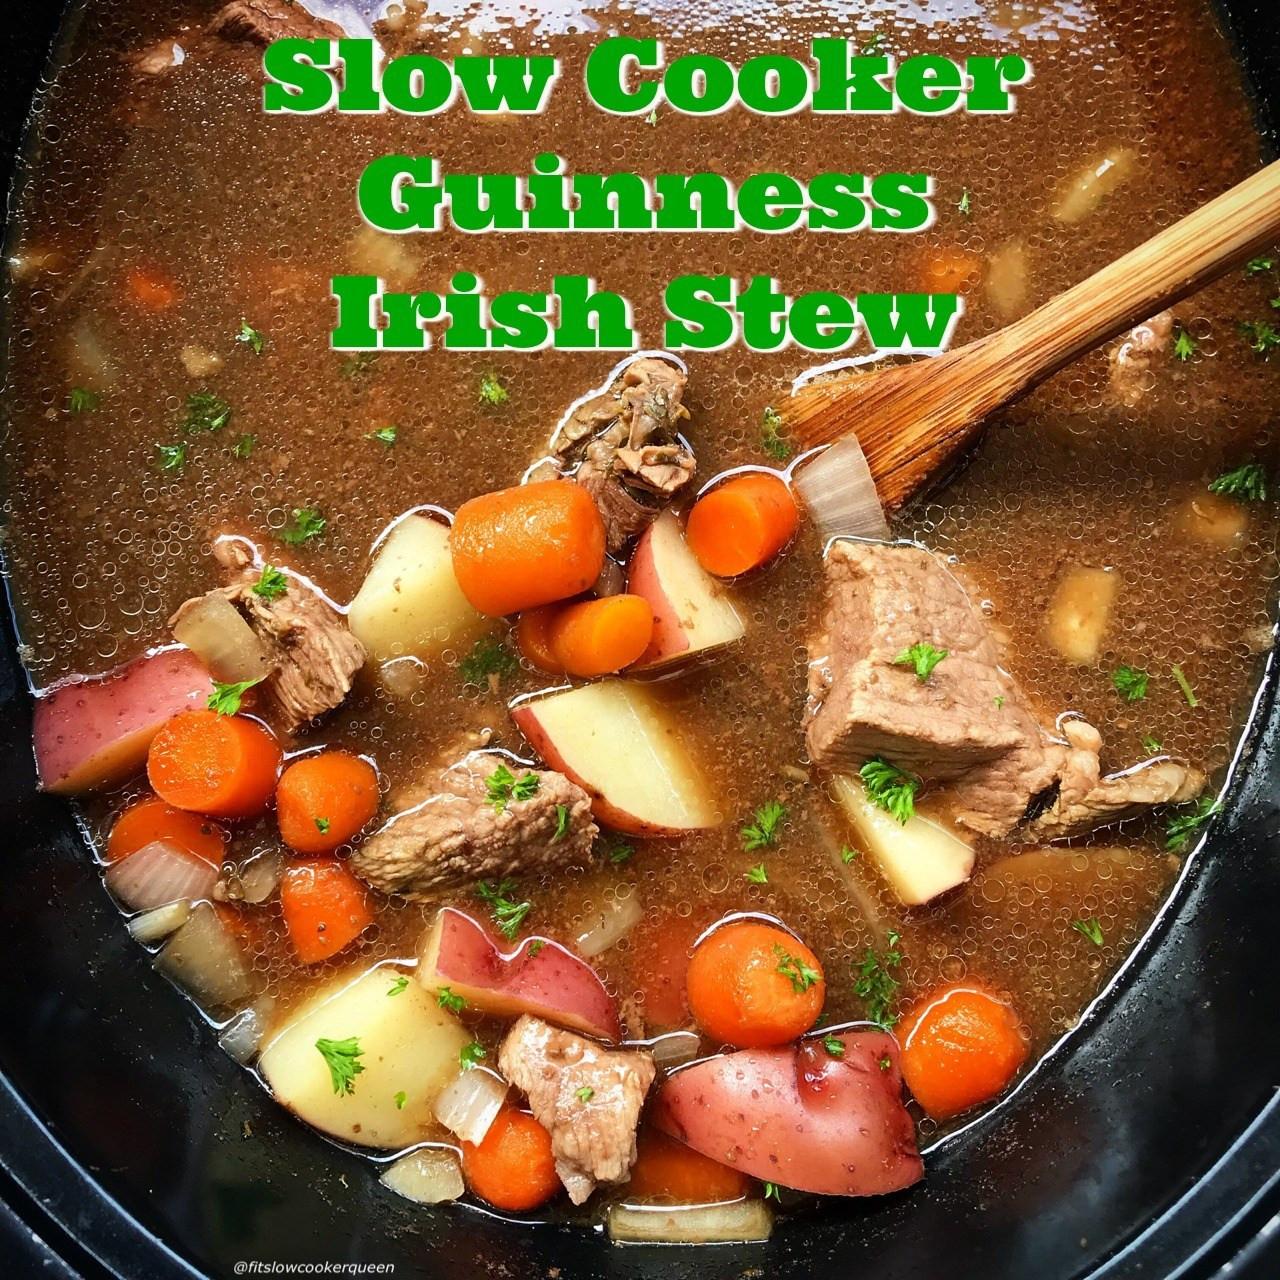 Irish Stew Slow Cooker  Slow Cooker Guinness Irish Stew Fit Slow Cooker Queen